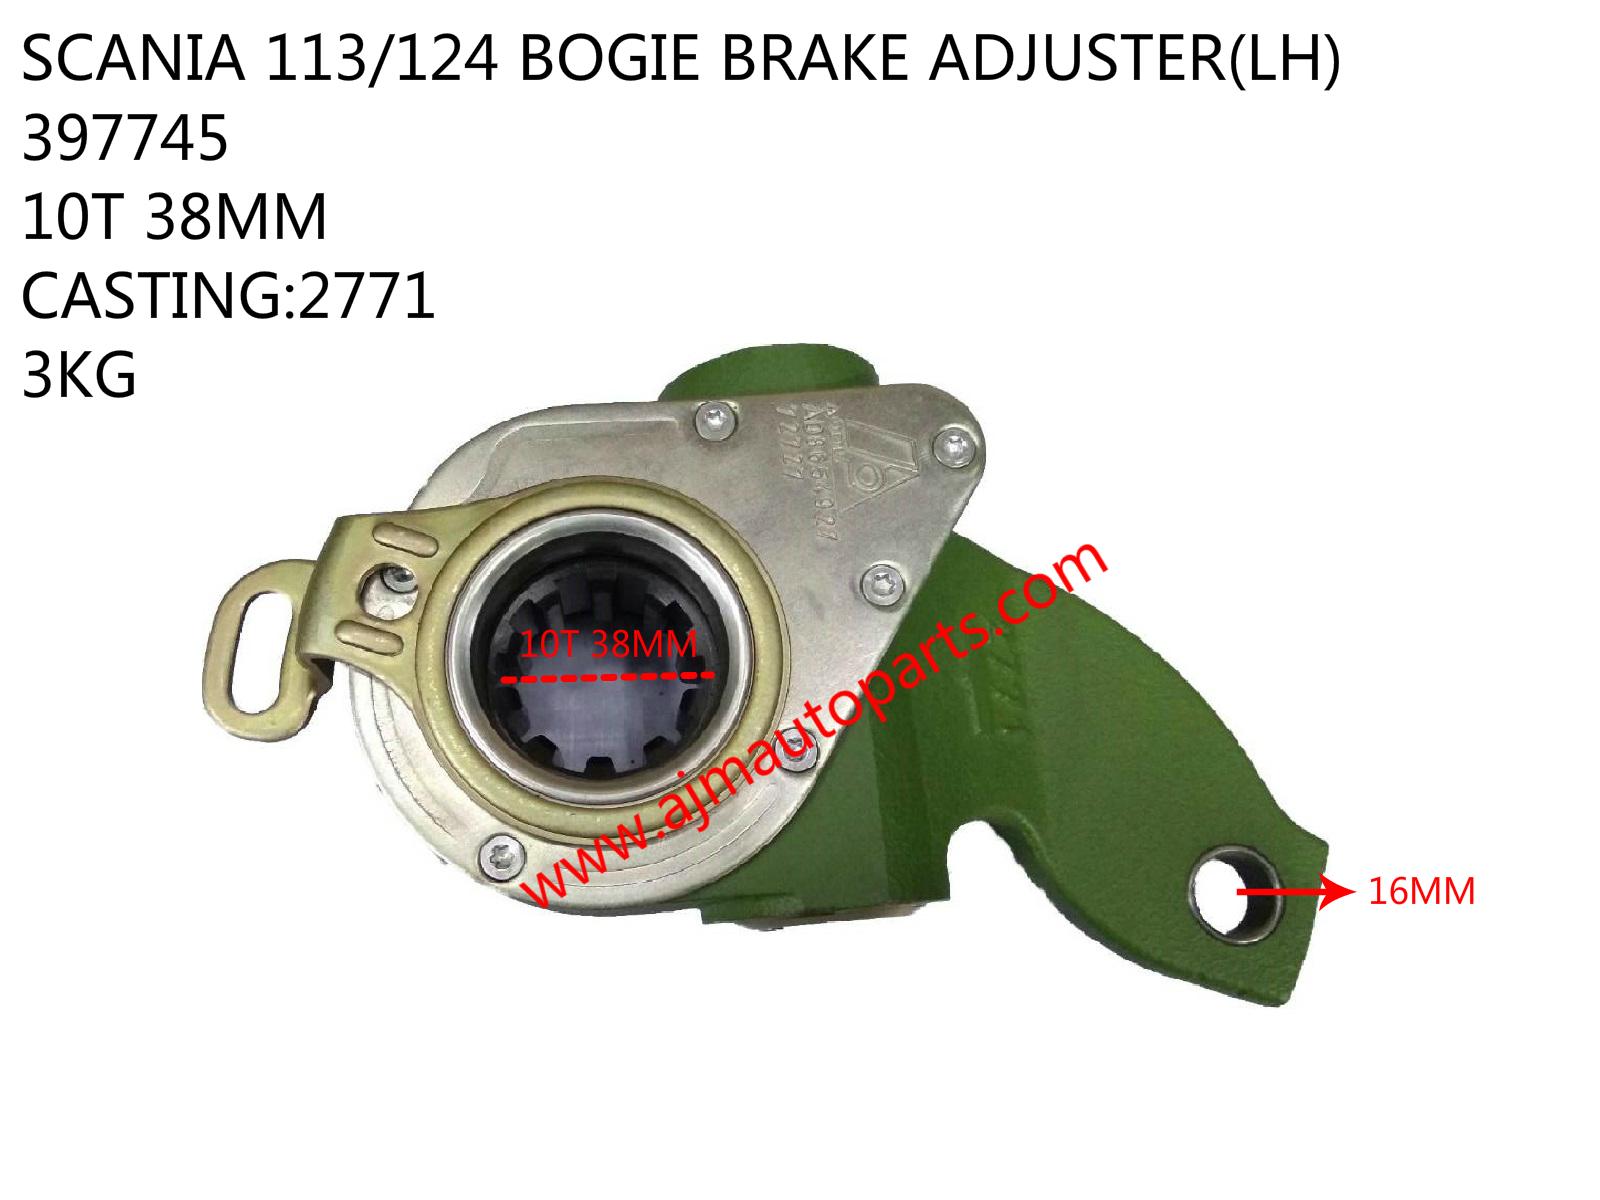 SCANIA-113-124-BOGIE-BRAKE-ADJUSTER-397745